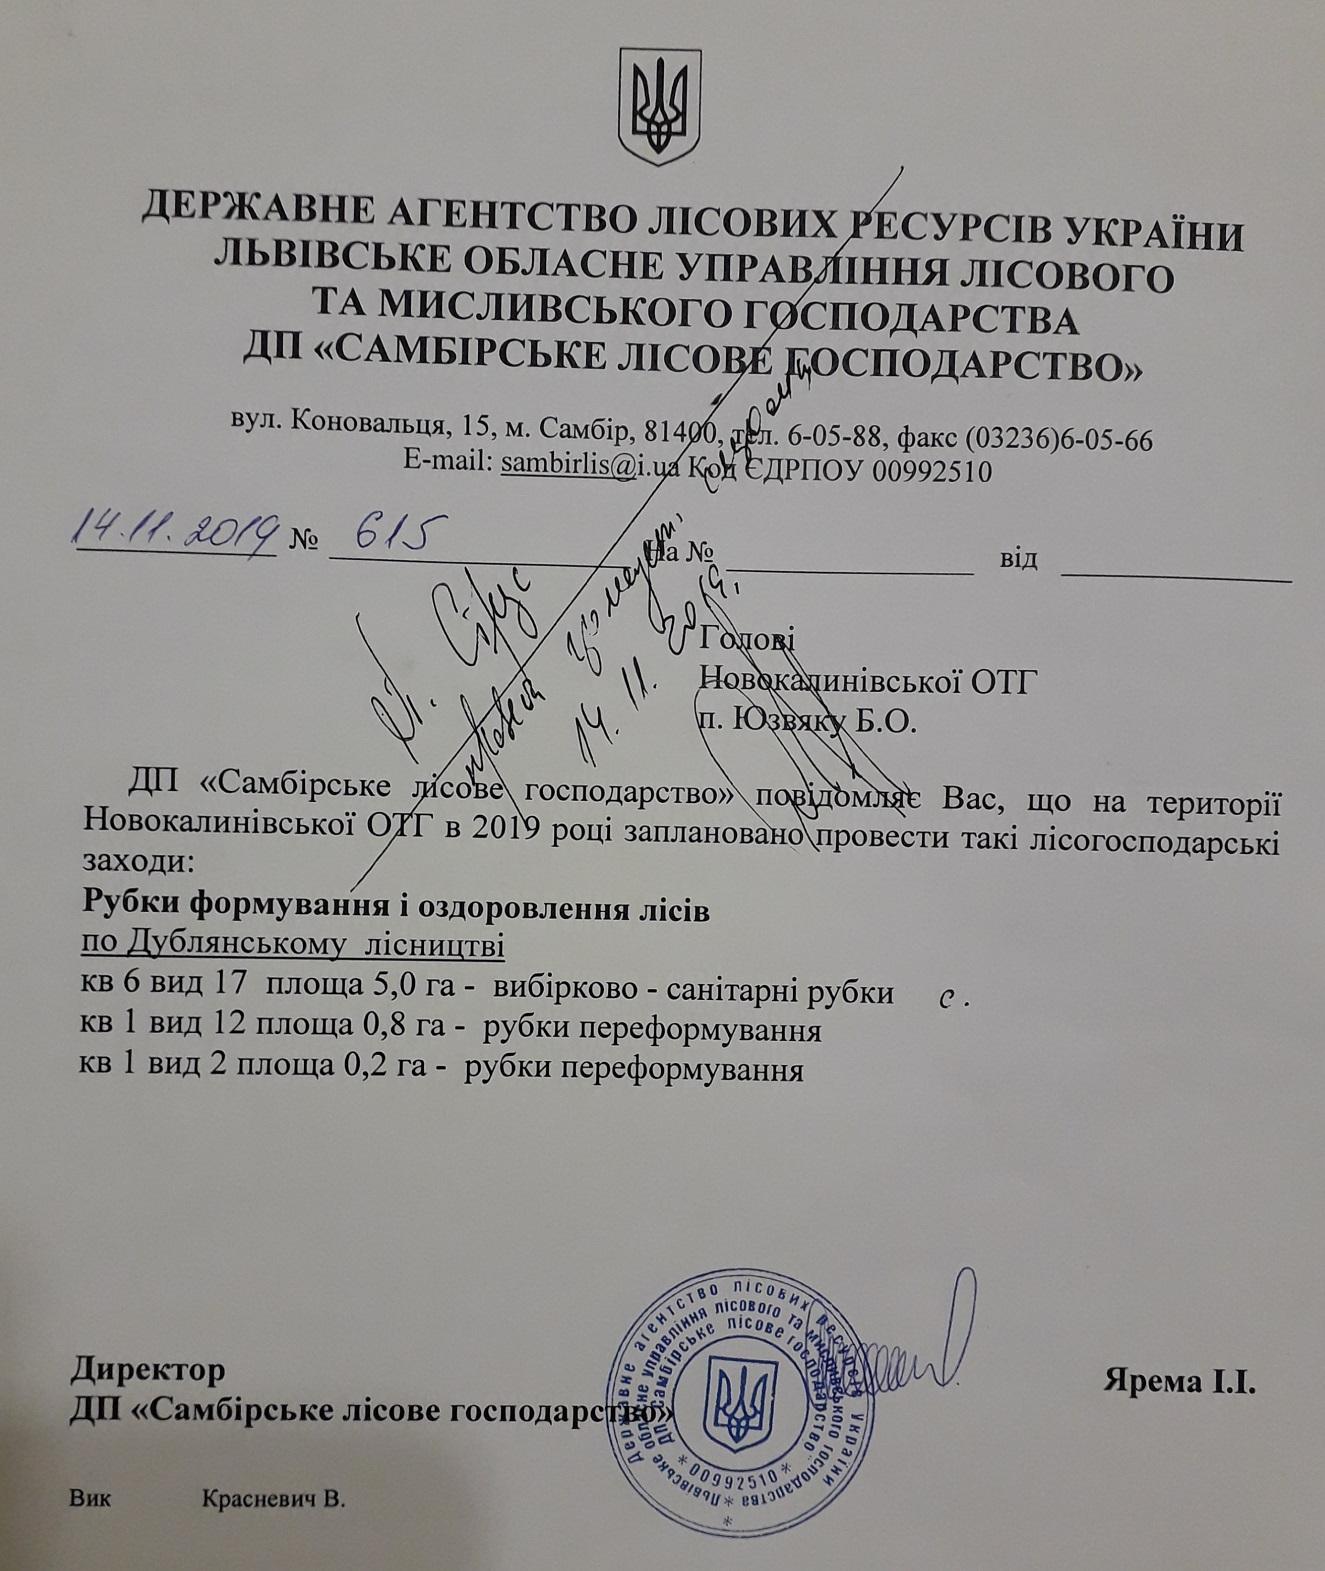 Novokalynivska_OTH_hromadski_obhovorennia